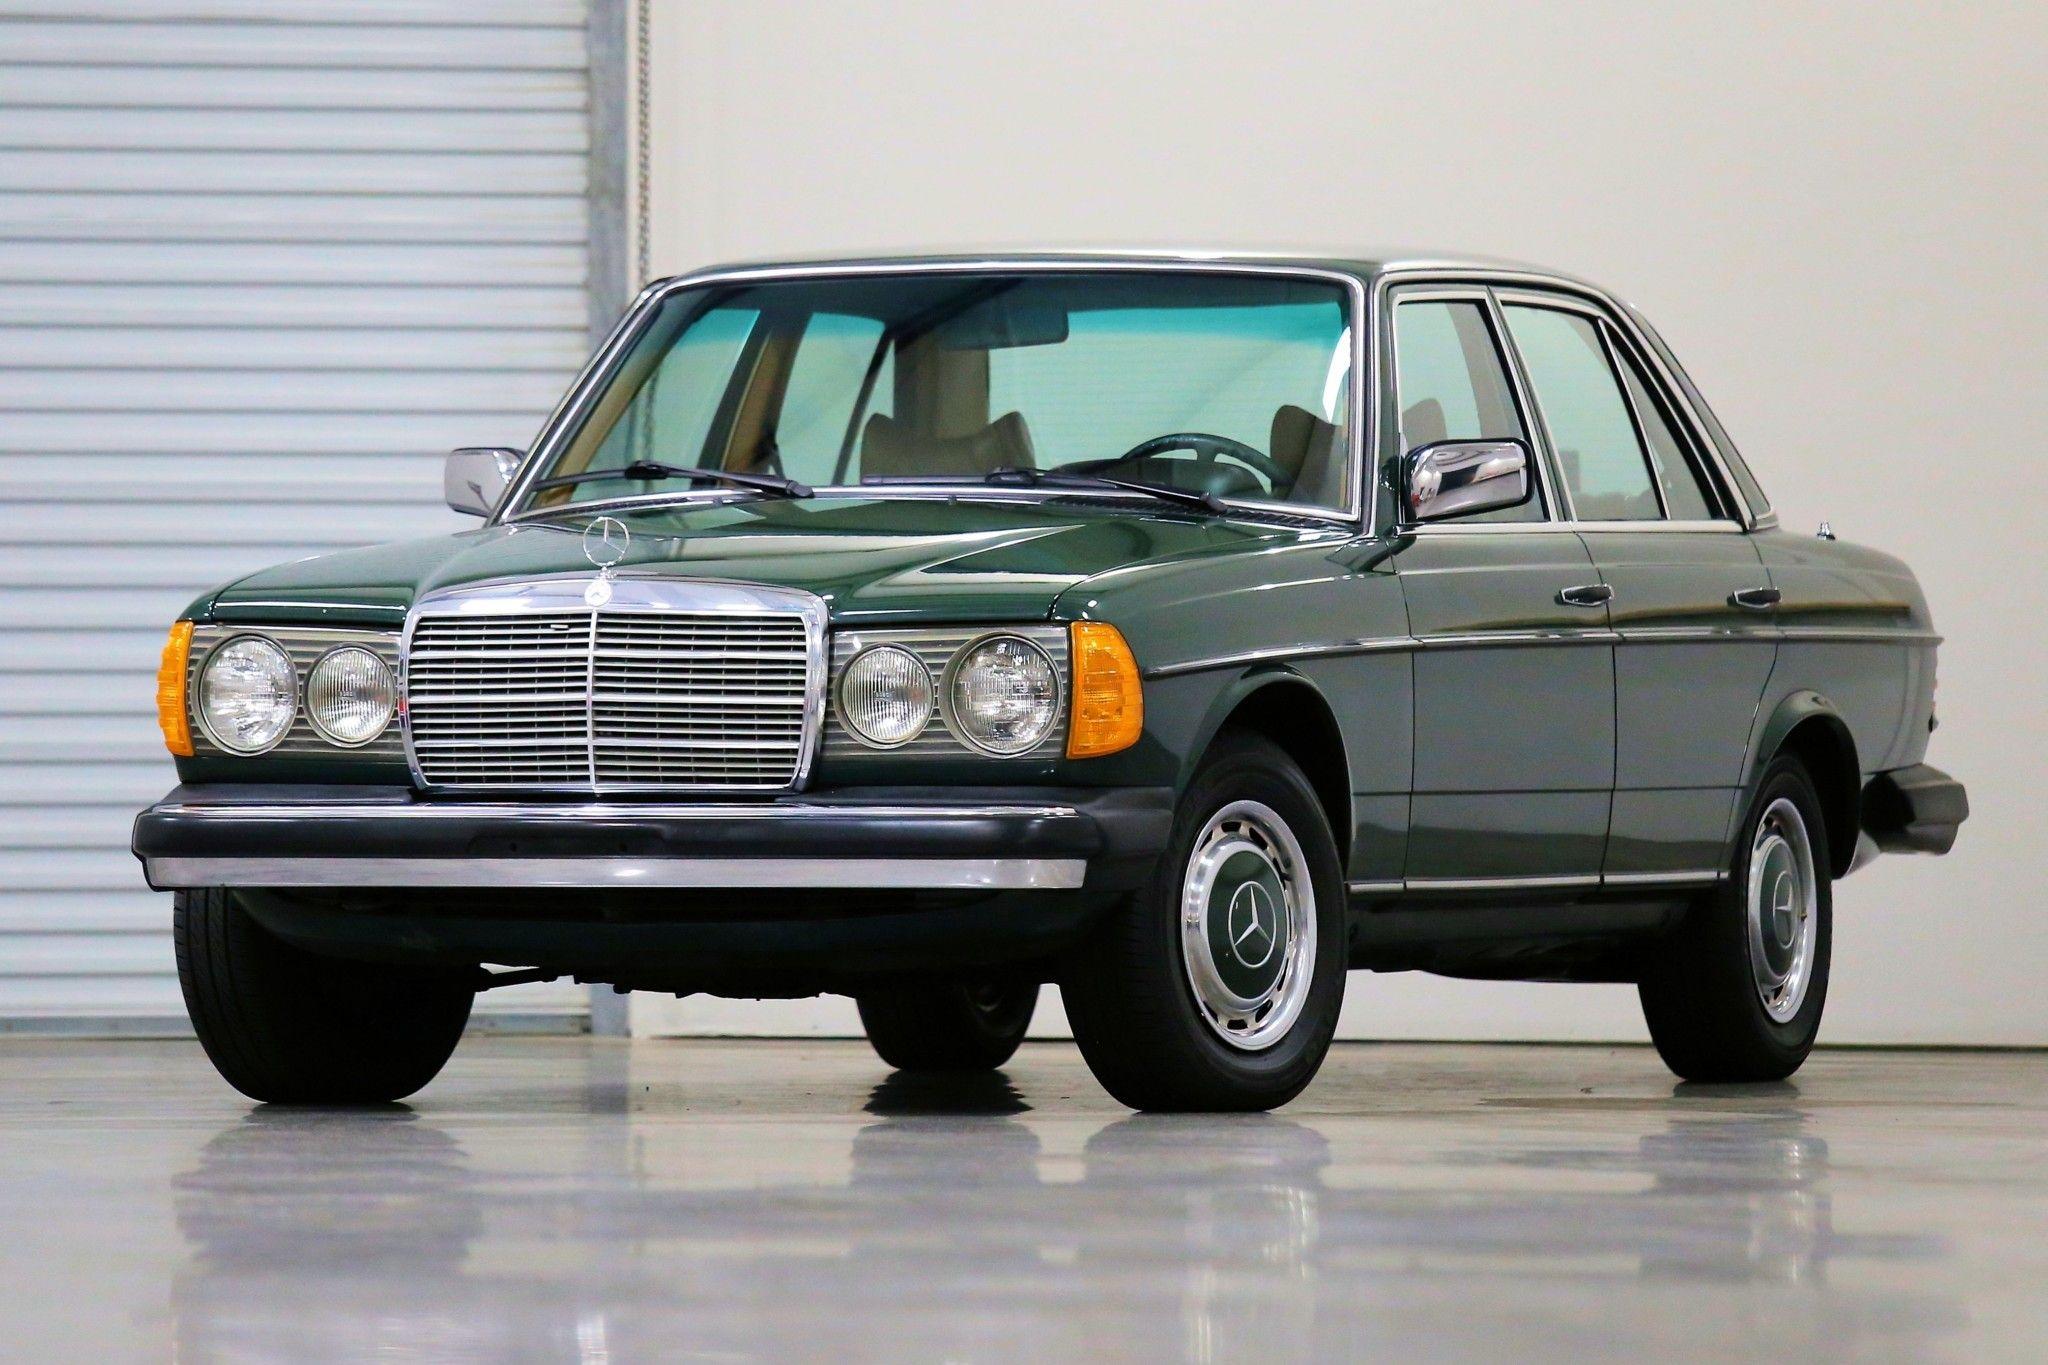 No Reserve 1979 Mercedes Benz 240d In 2020 Mercedes Benz Cars Mercedes Mercedes Benz Classic